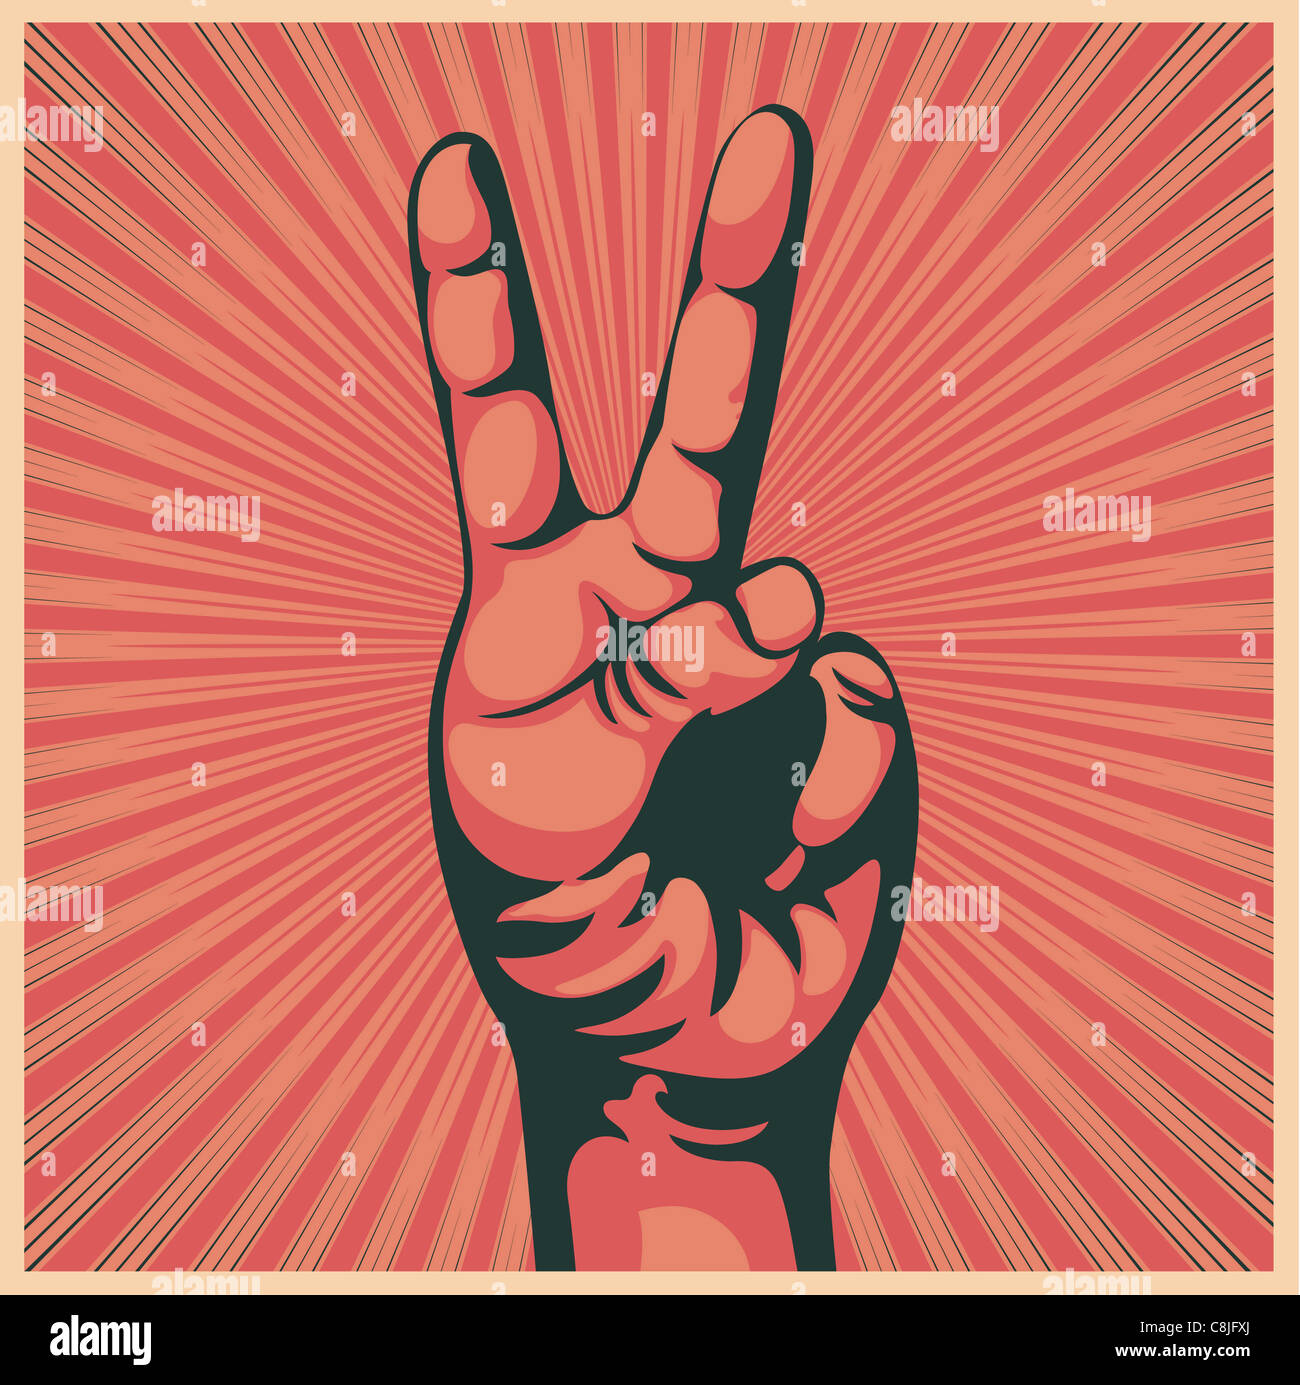 Abbildung im retro-Stil einer Hand mit Victory-Zeichen Stockbild